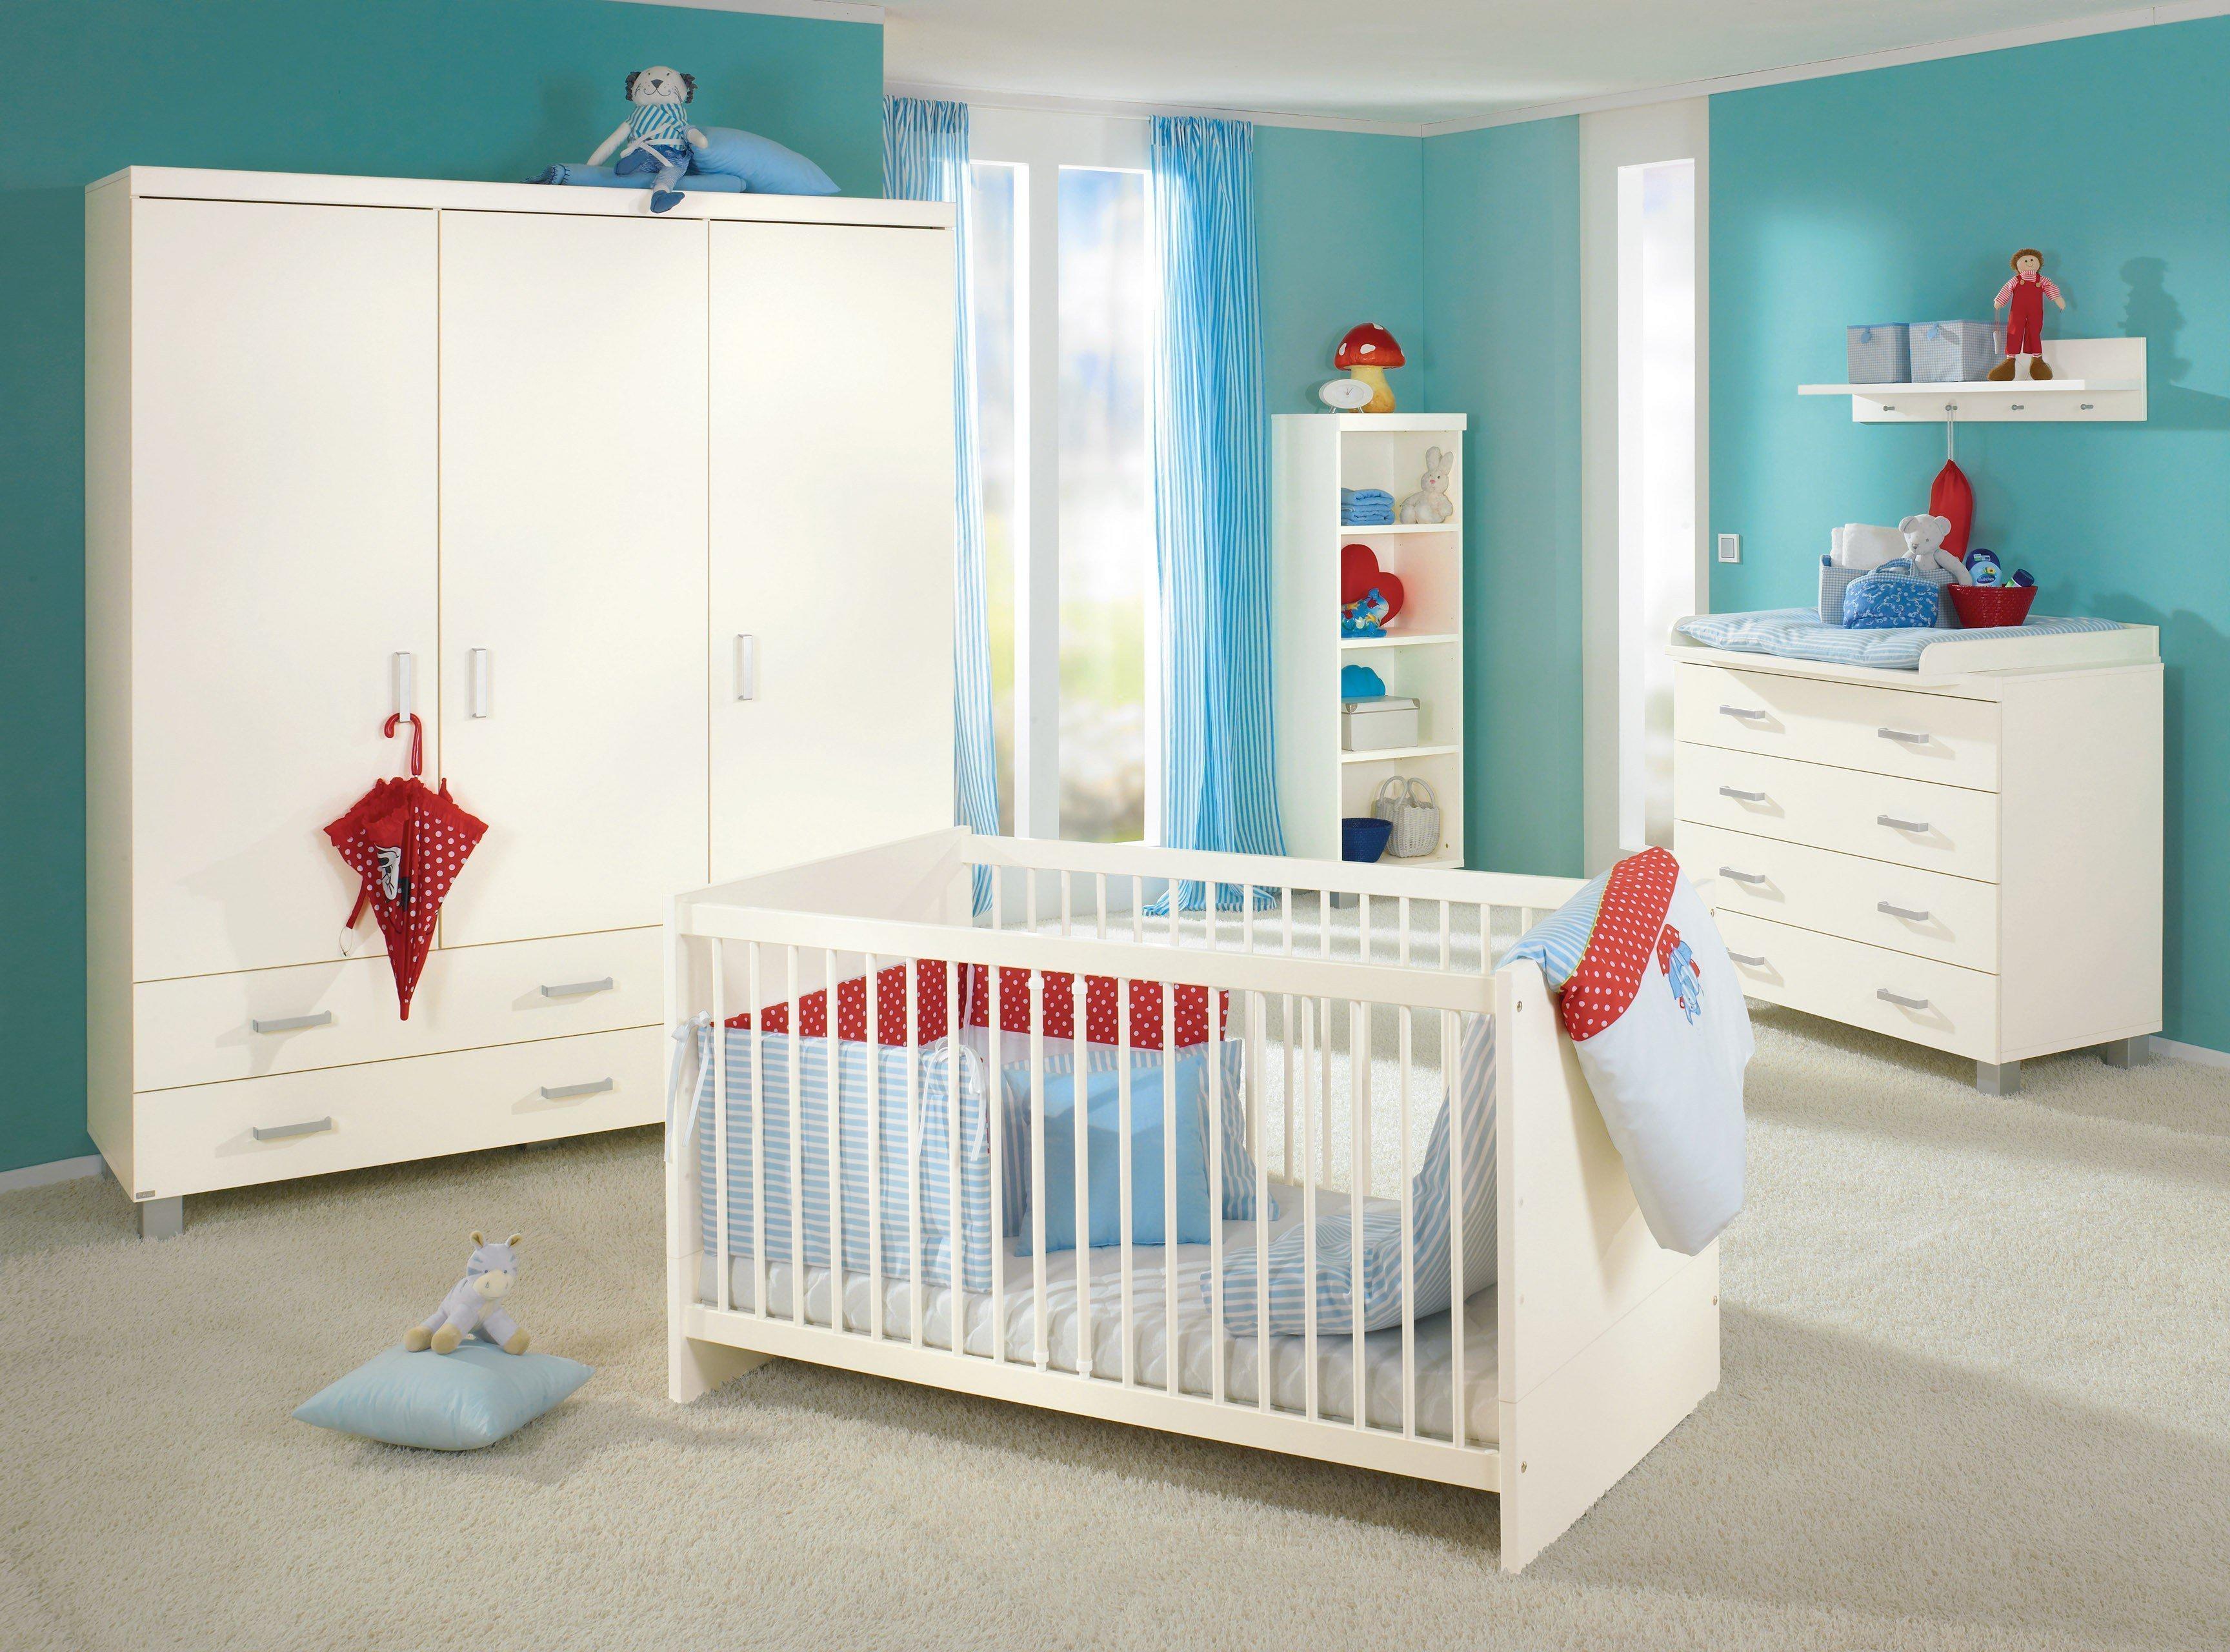 paidi babyzimmer biancomo ros ecru m bel letz ihr online shop. Black Bedroom Furniture Sets. Home Design Ideas